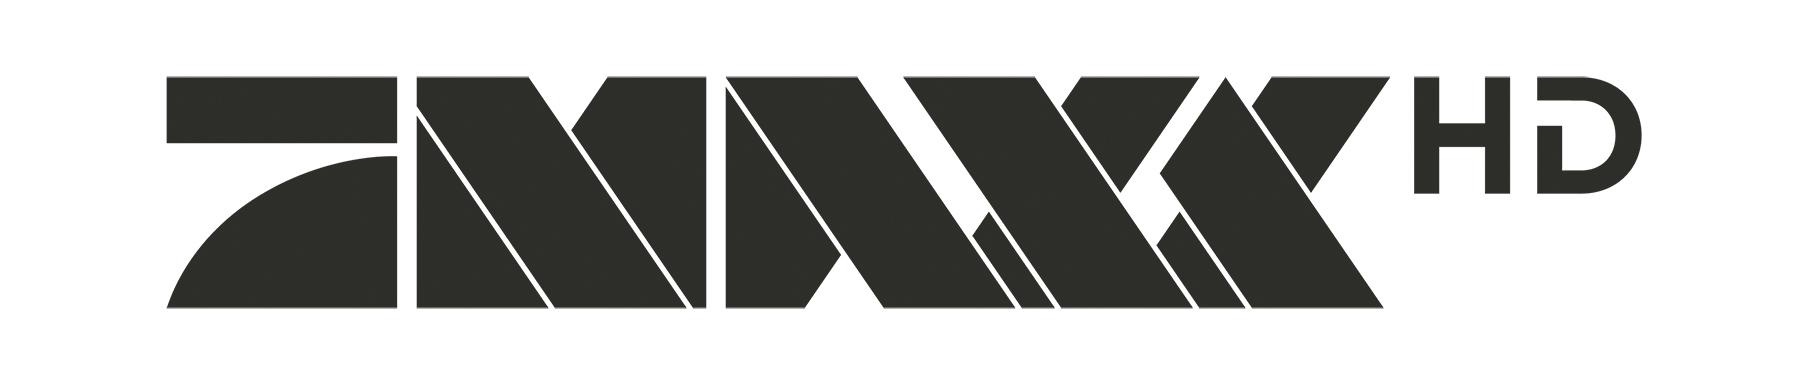 ProSieben MAXX HD im Kabelfernsehen